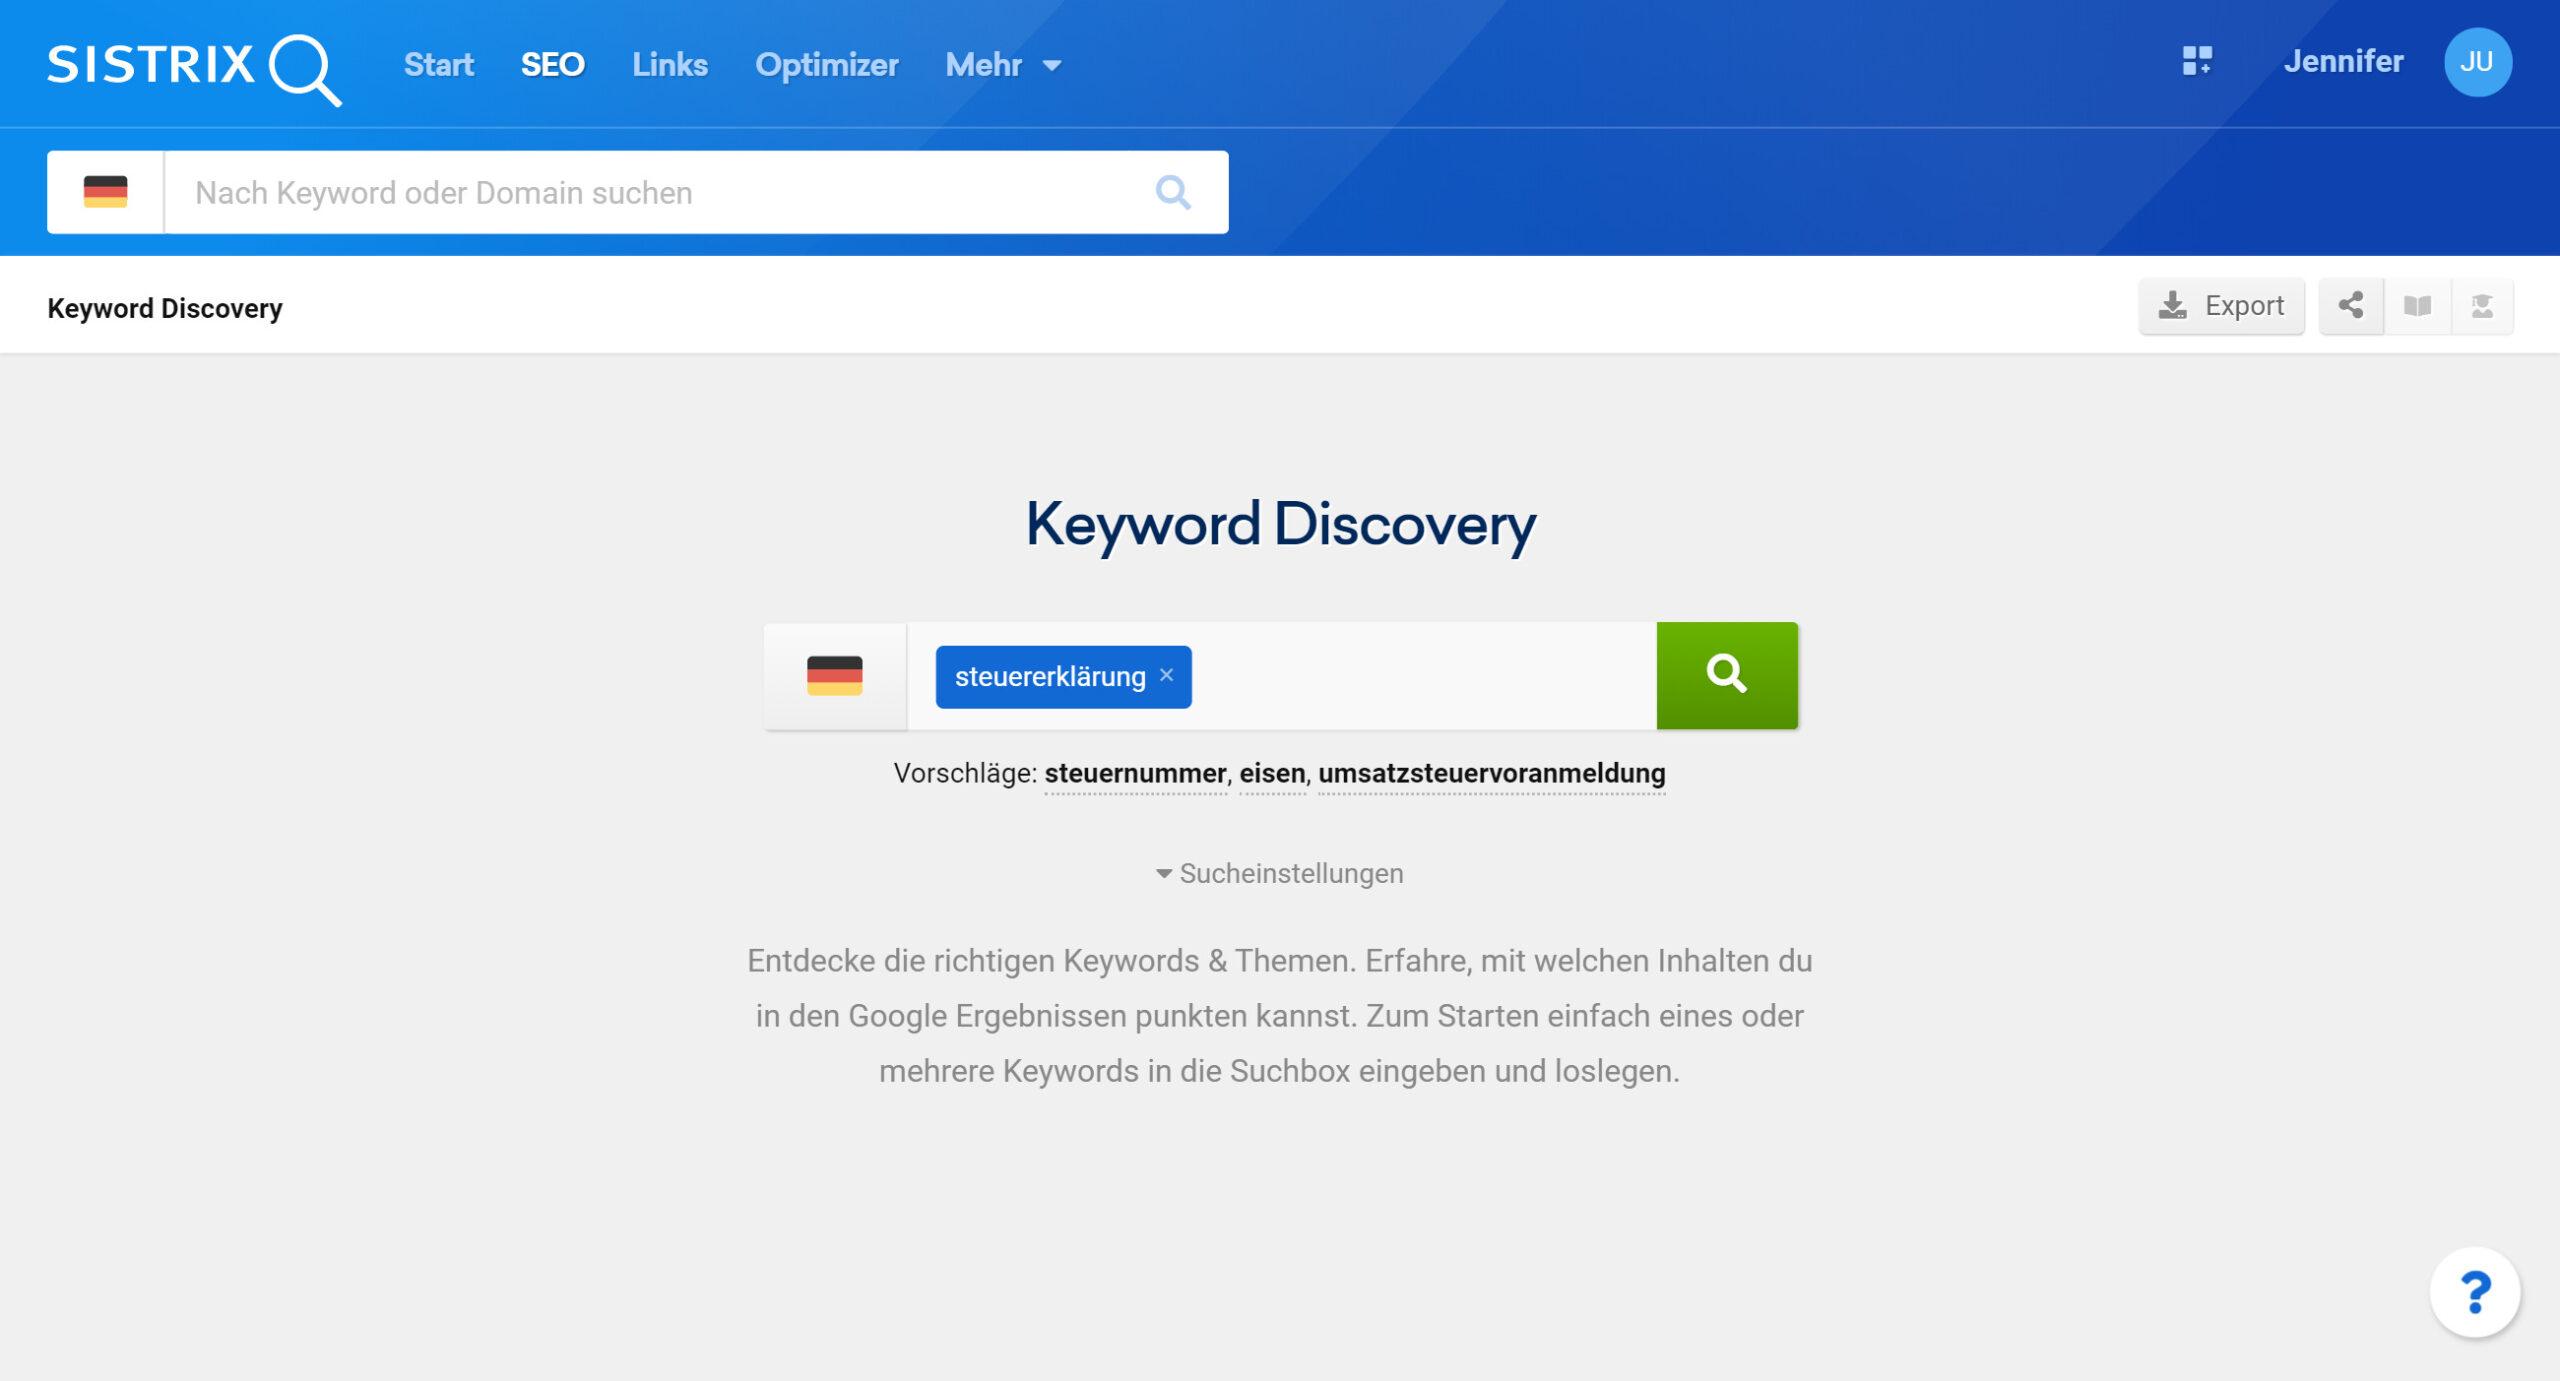 Ansicht der Keyword Discovery auf sistrix.de